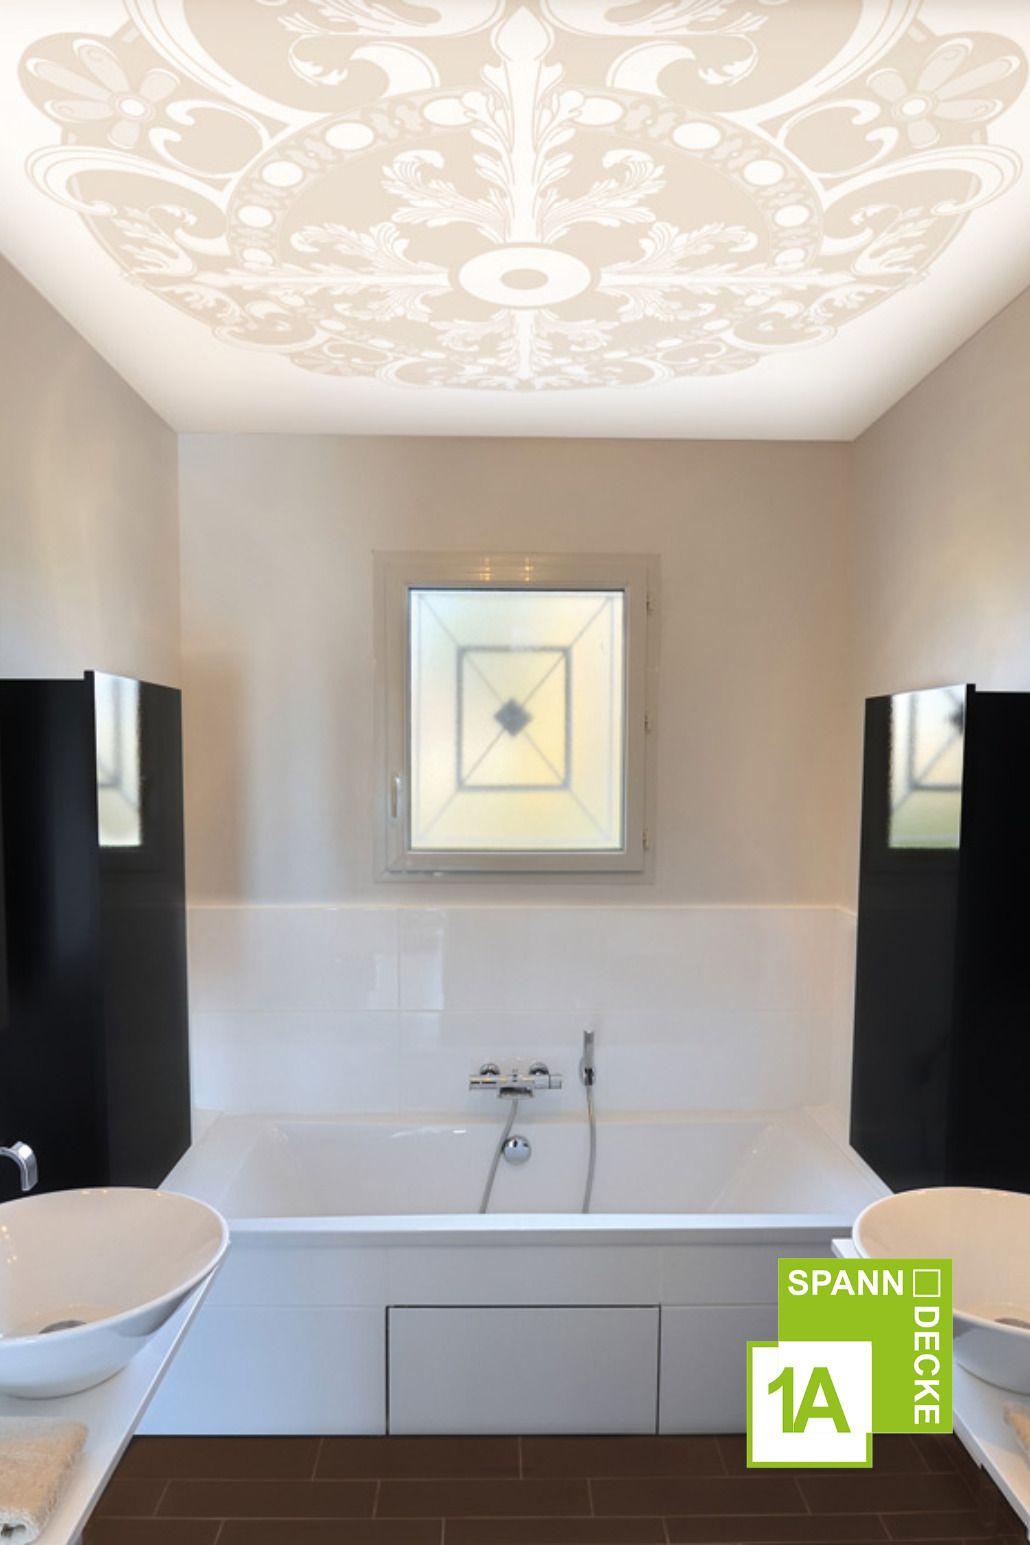 Lichtspanndecke Im Bad Spanndecken Deckenarchitektur Deckenverkleidung